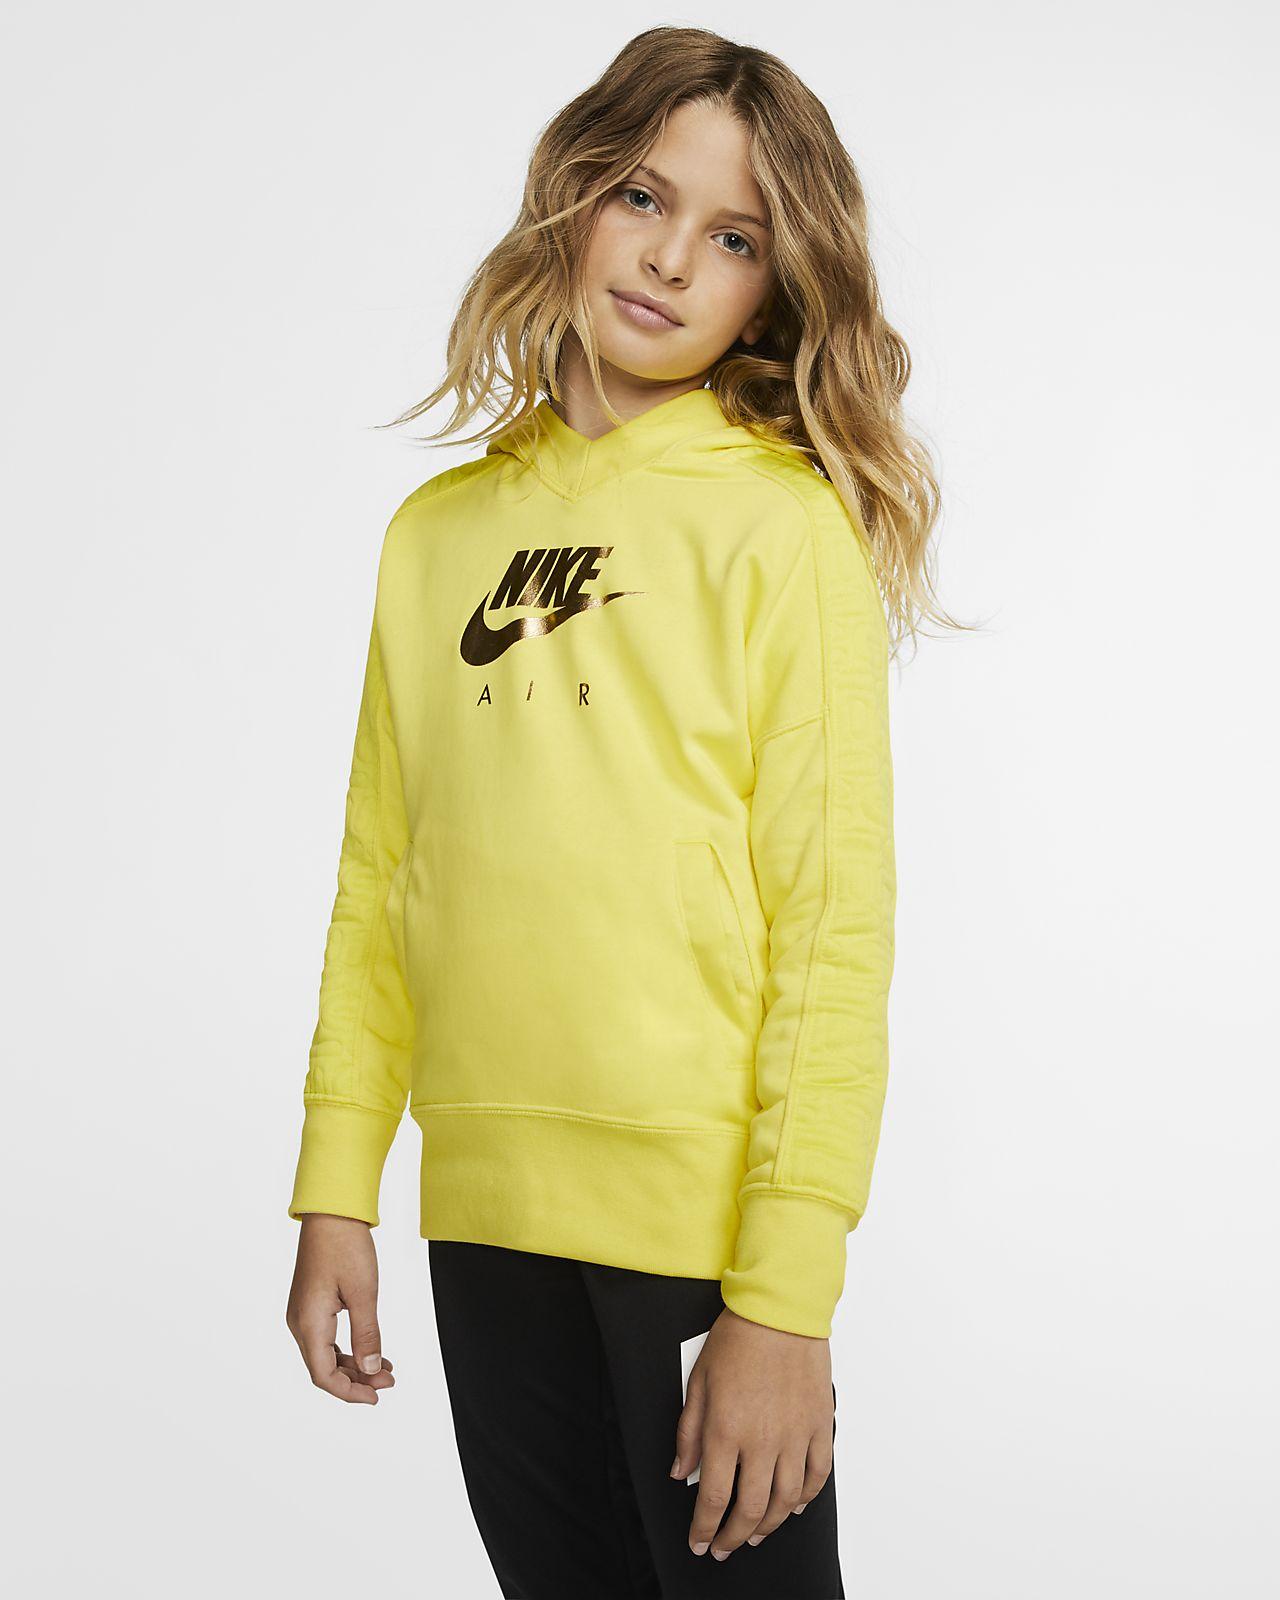 Nike Air 大童(女孩)套头连帽衫